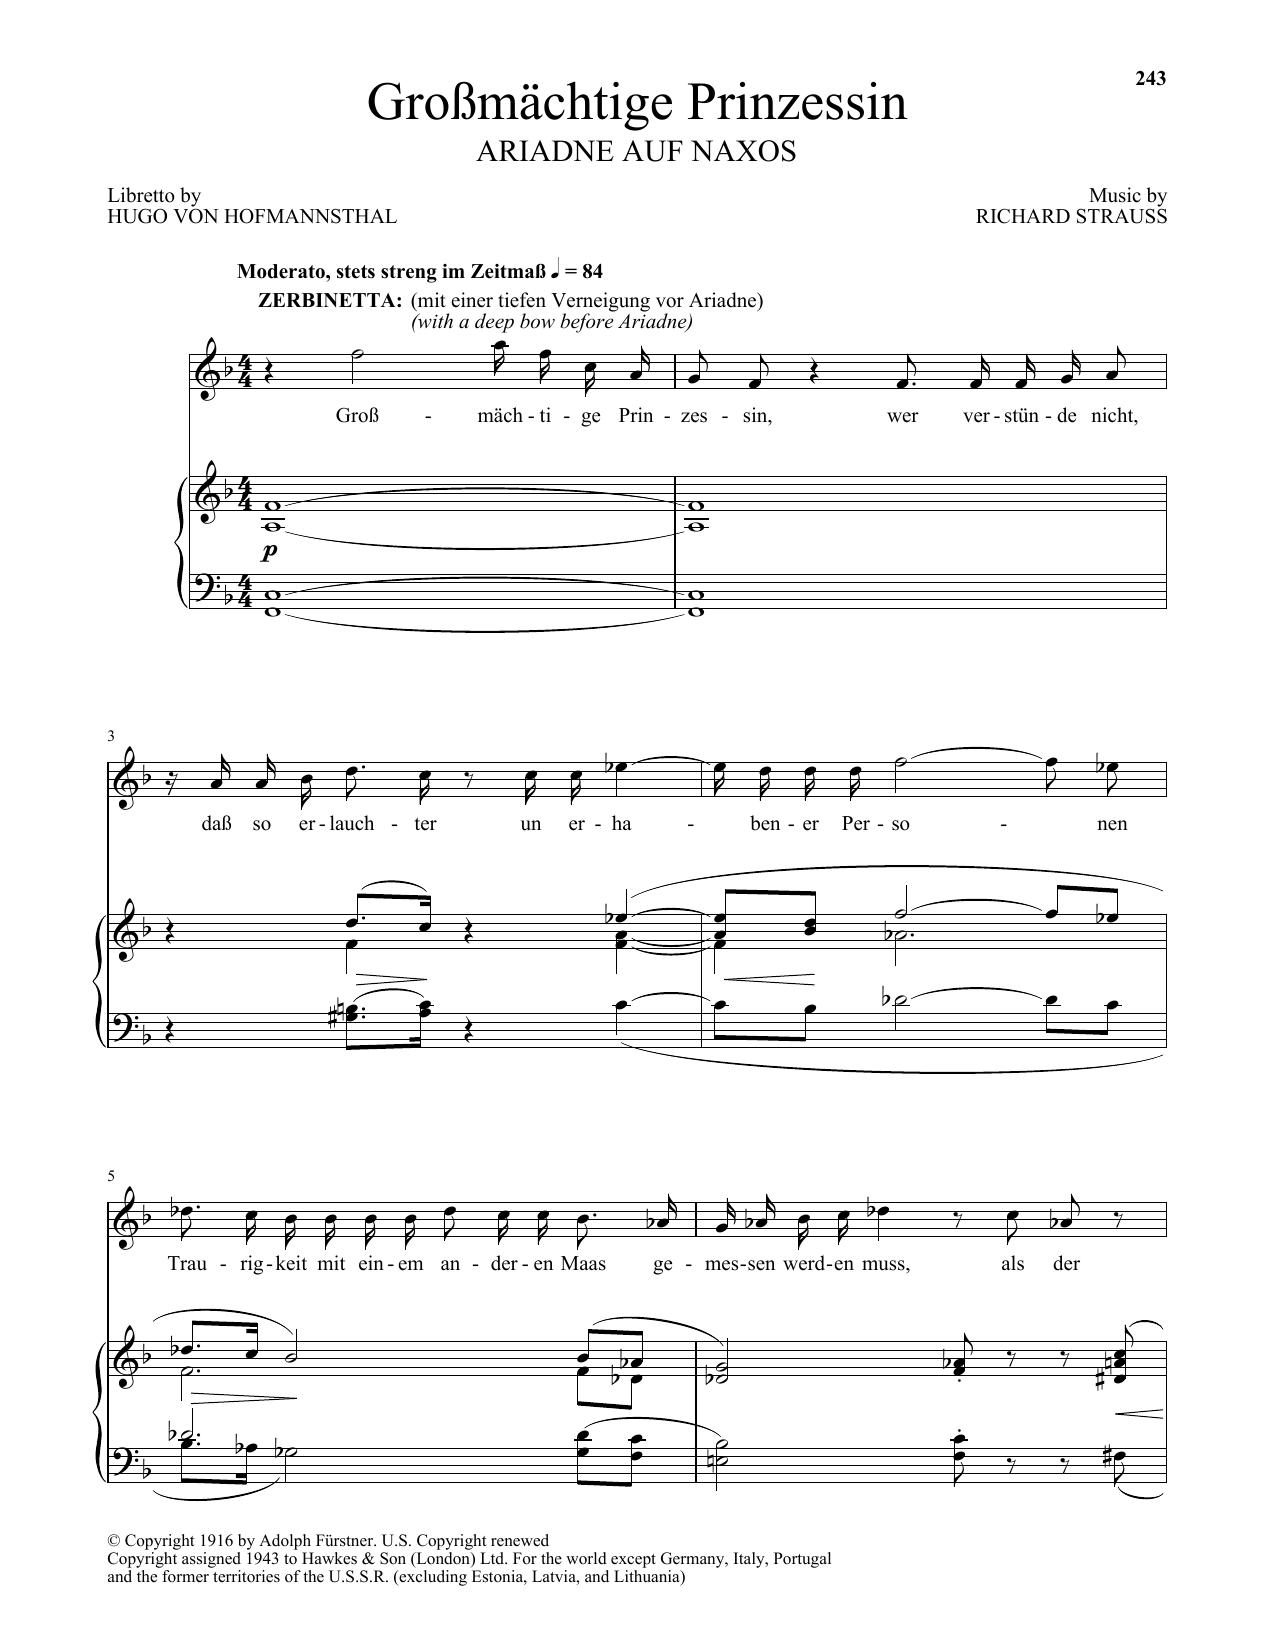 Grossmatige Prinzessin (from Ariadne auf Naxos) (Piano & Vocal)